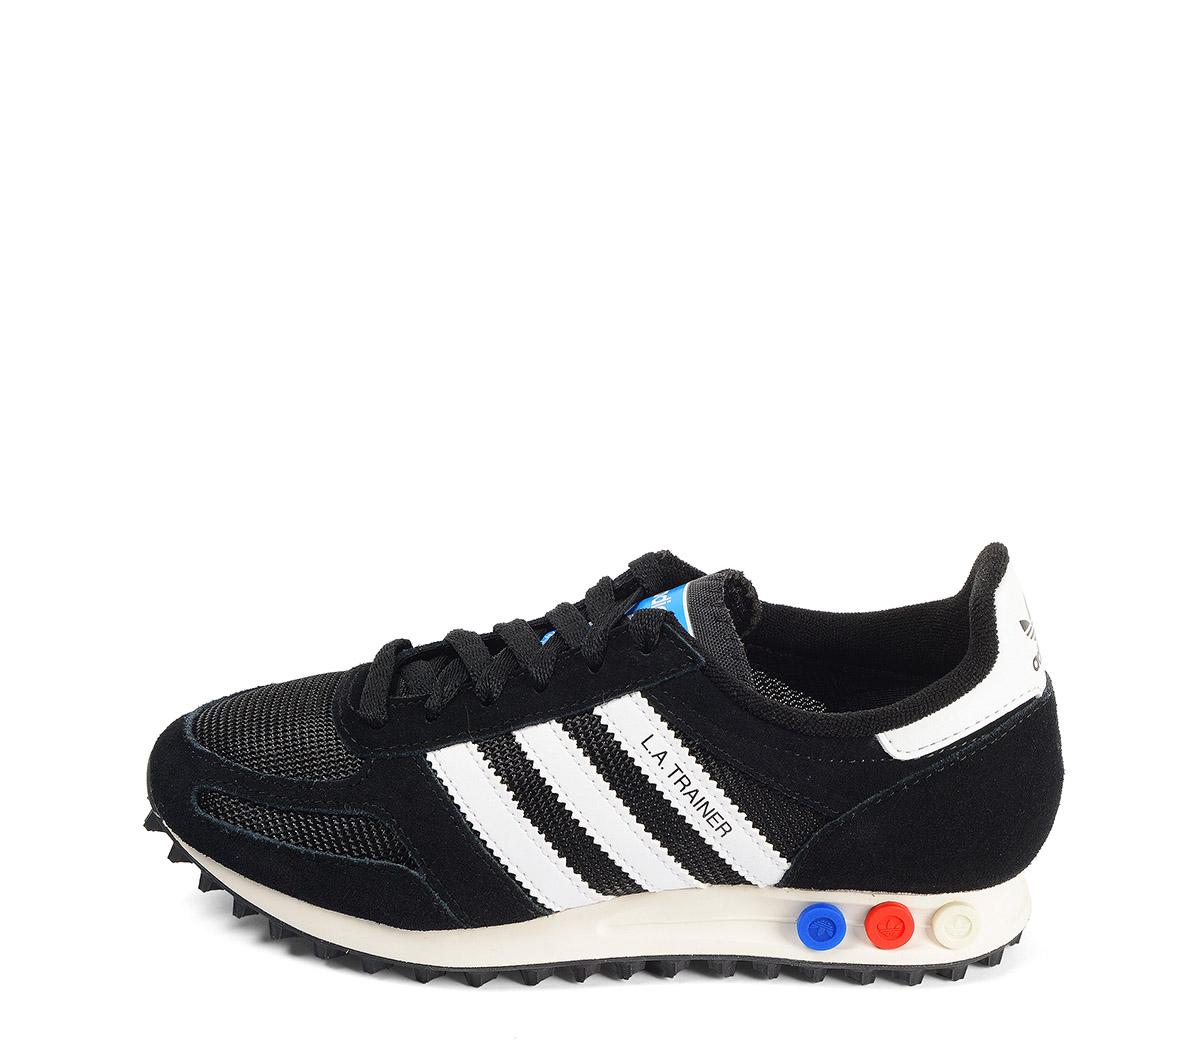 Ref: 3809 Adidas L.A Trainer serraje negro con detalles en piel blanco. Botones tricolor en la suela. Cordones negros.